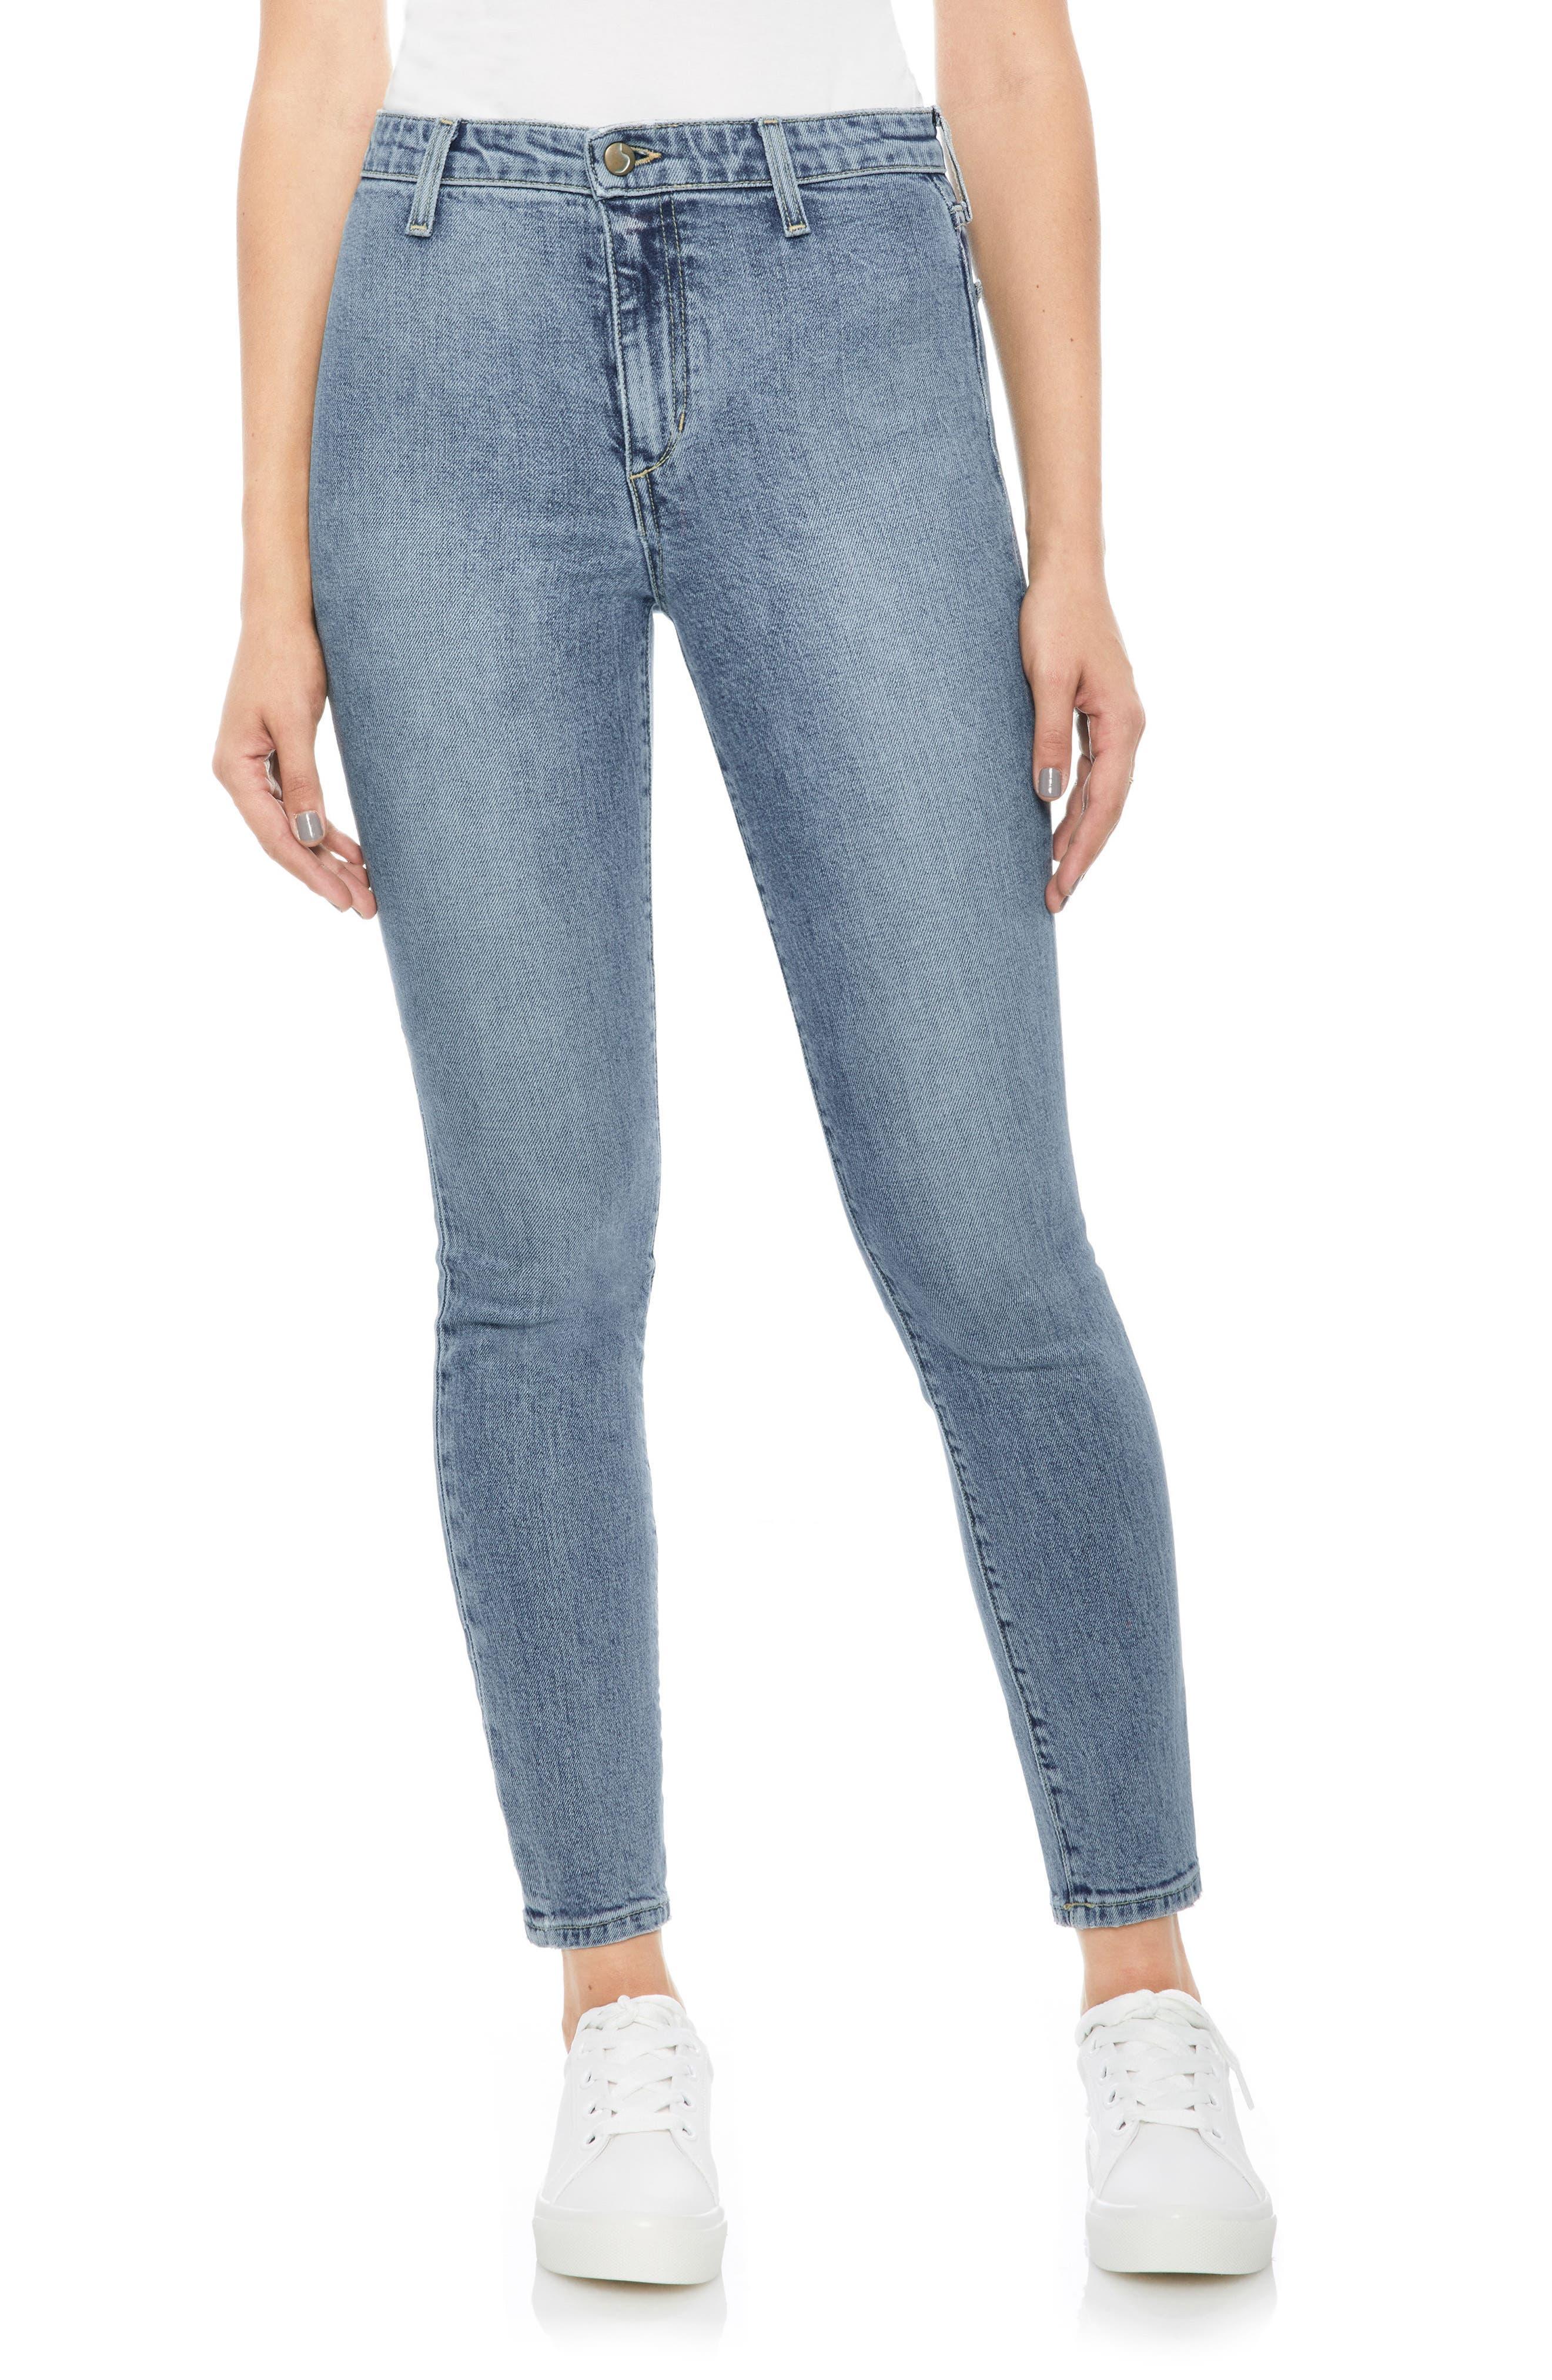 JOE'S Charlie High Waist Ankle Skinny Jeans, Main, color, 415